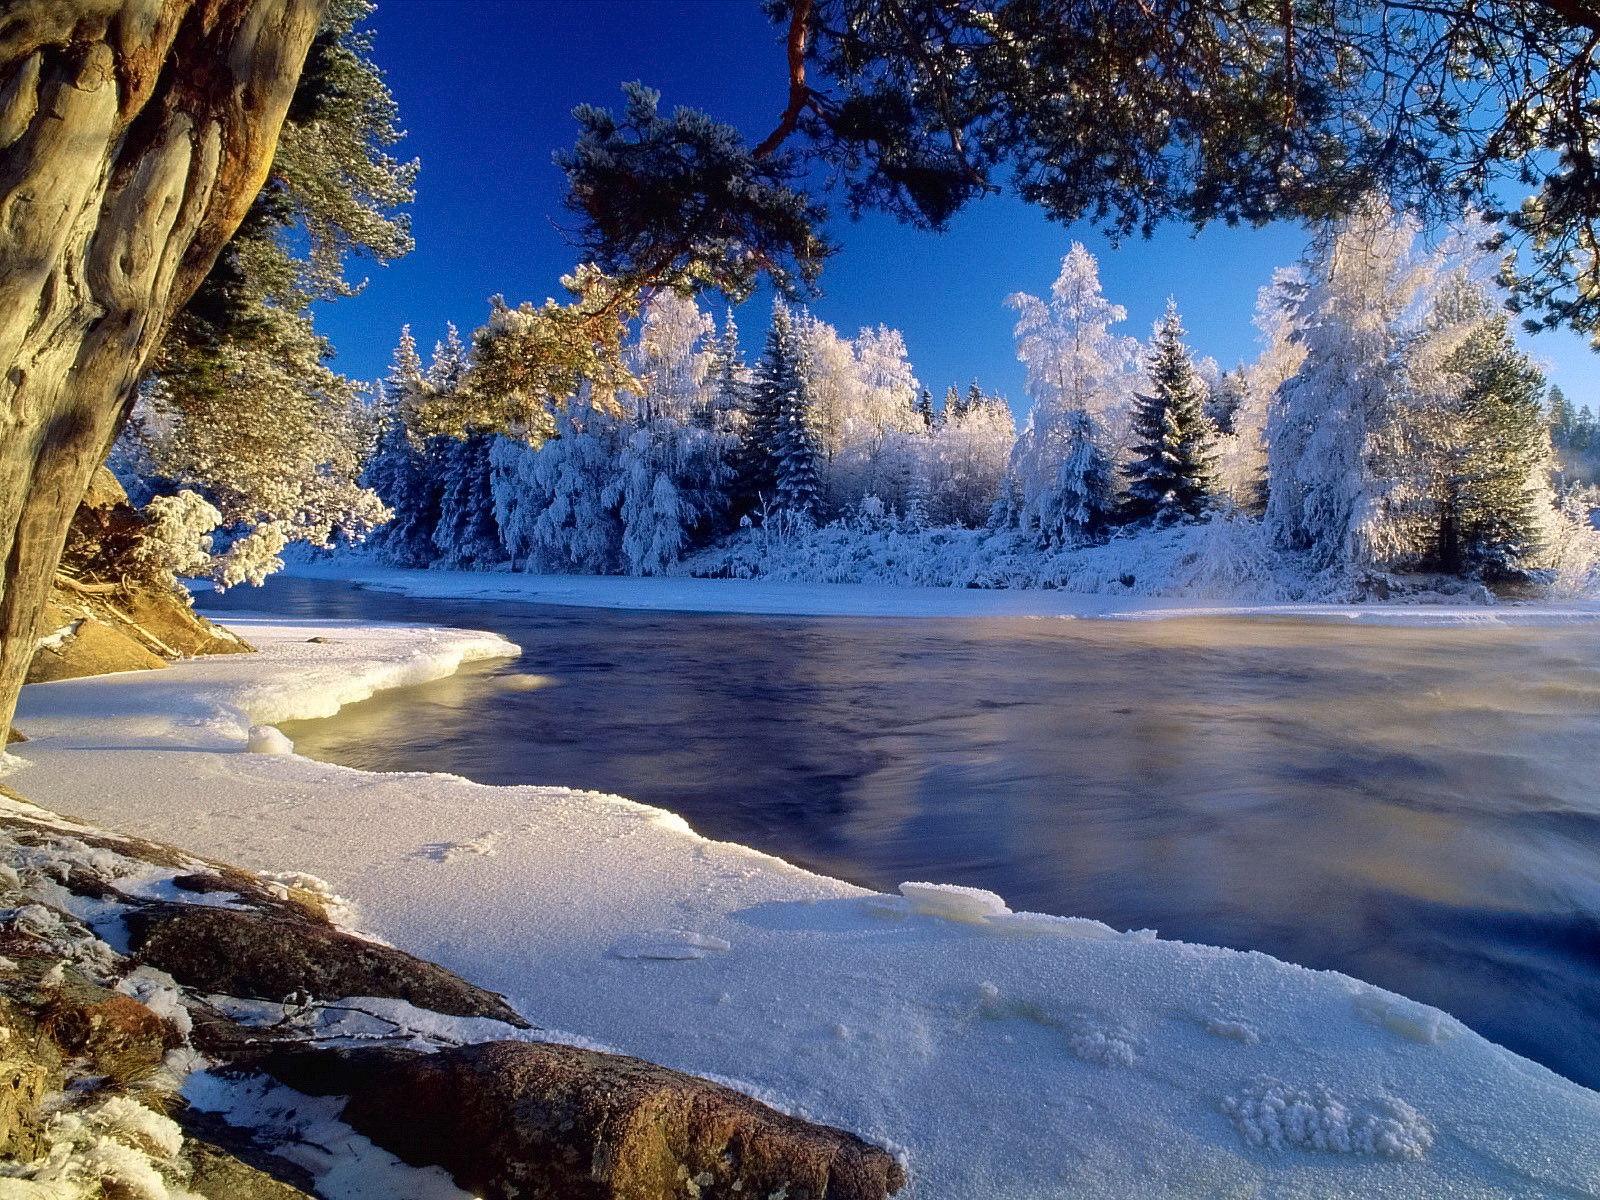 Поделок, открытки с зимой красивые